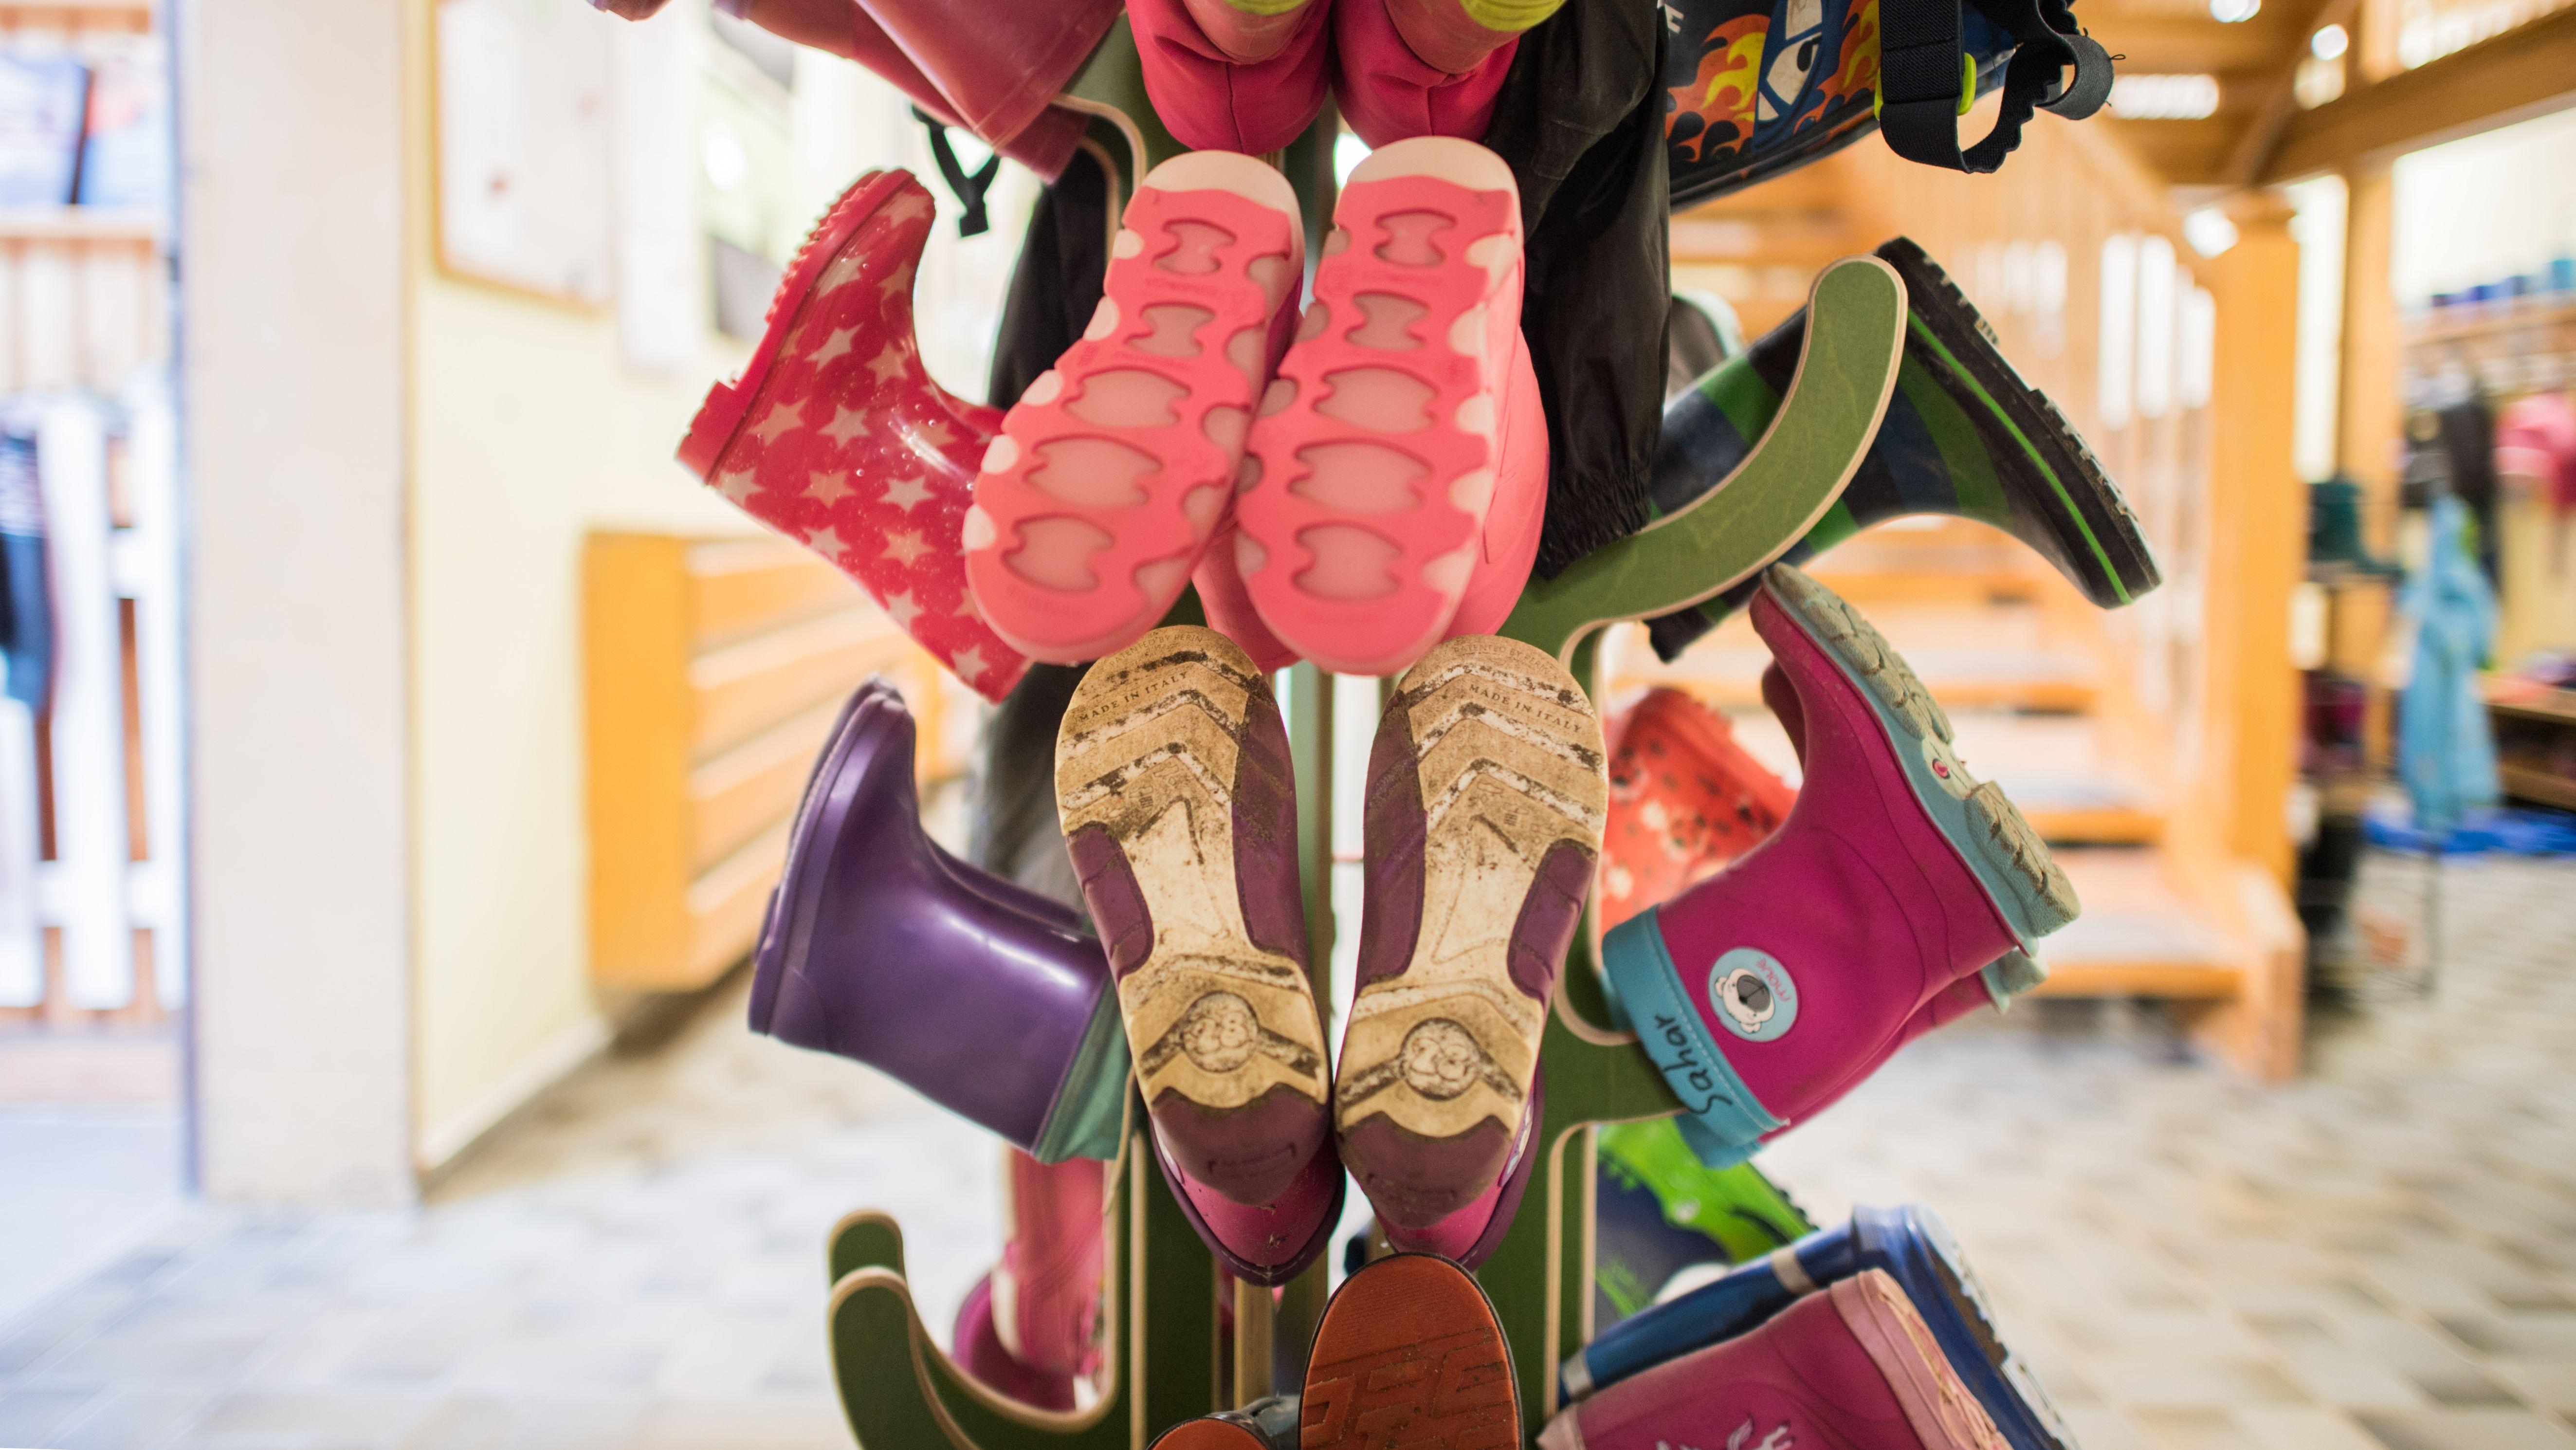 Schuhständer in einer Kita-Garderobe